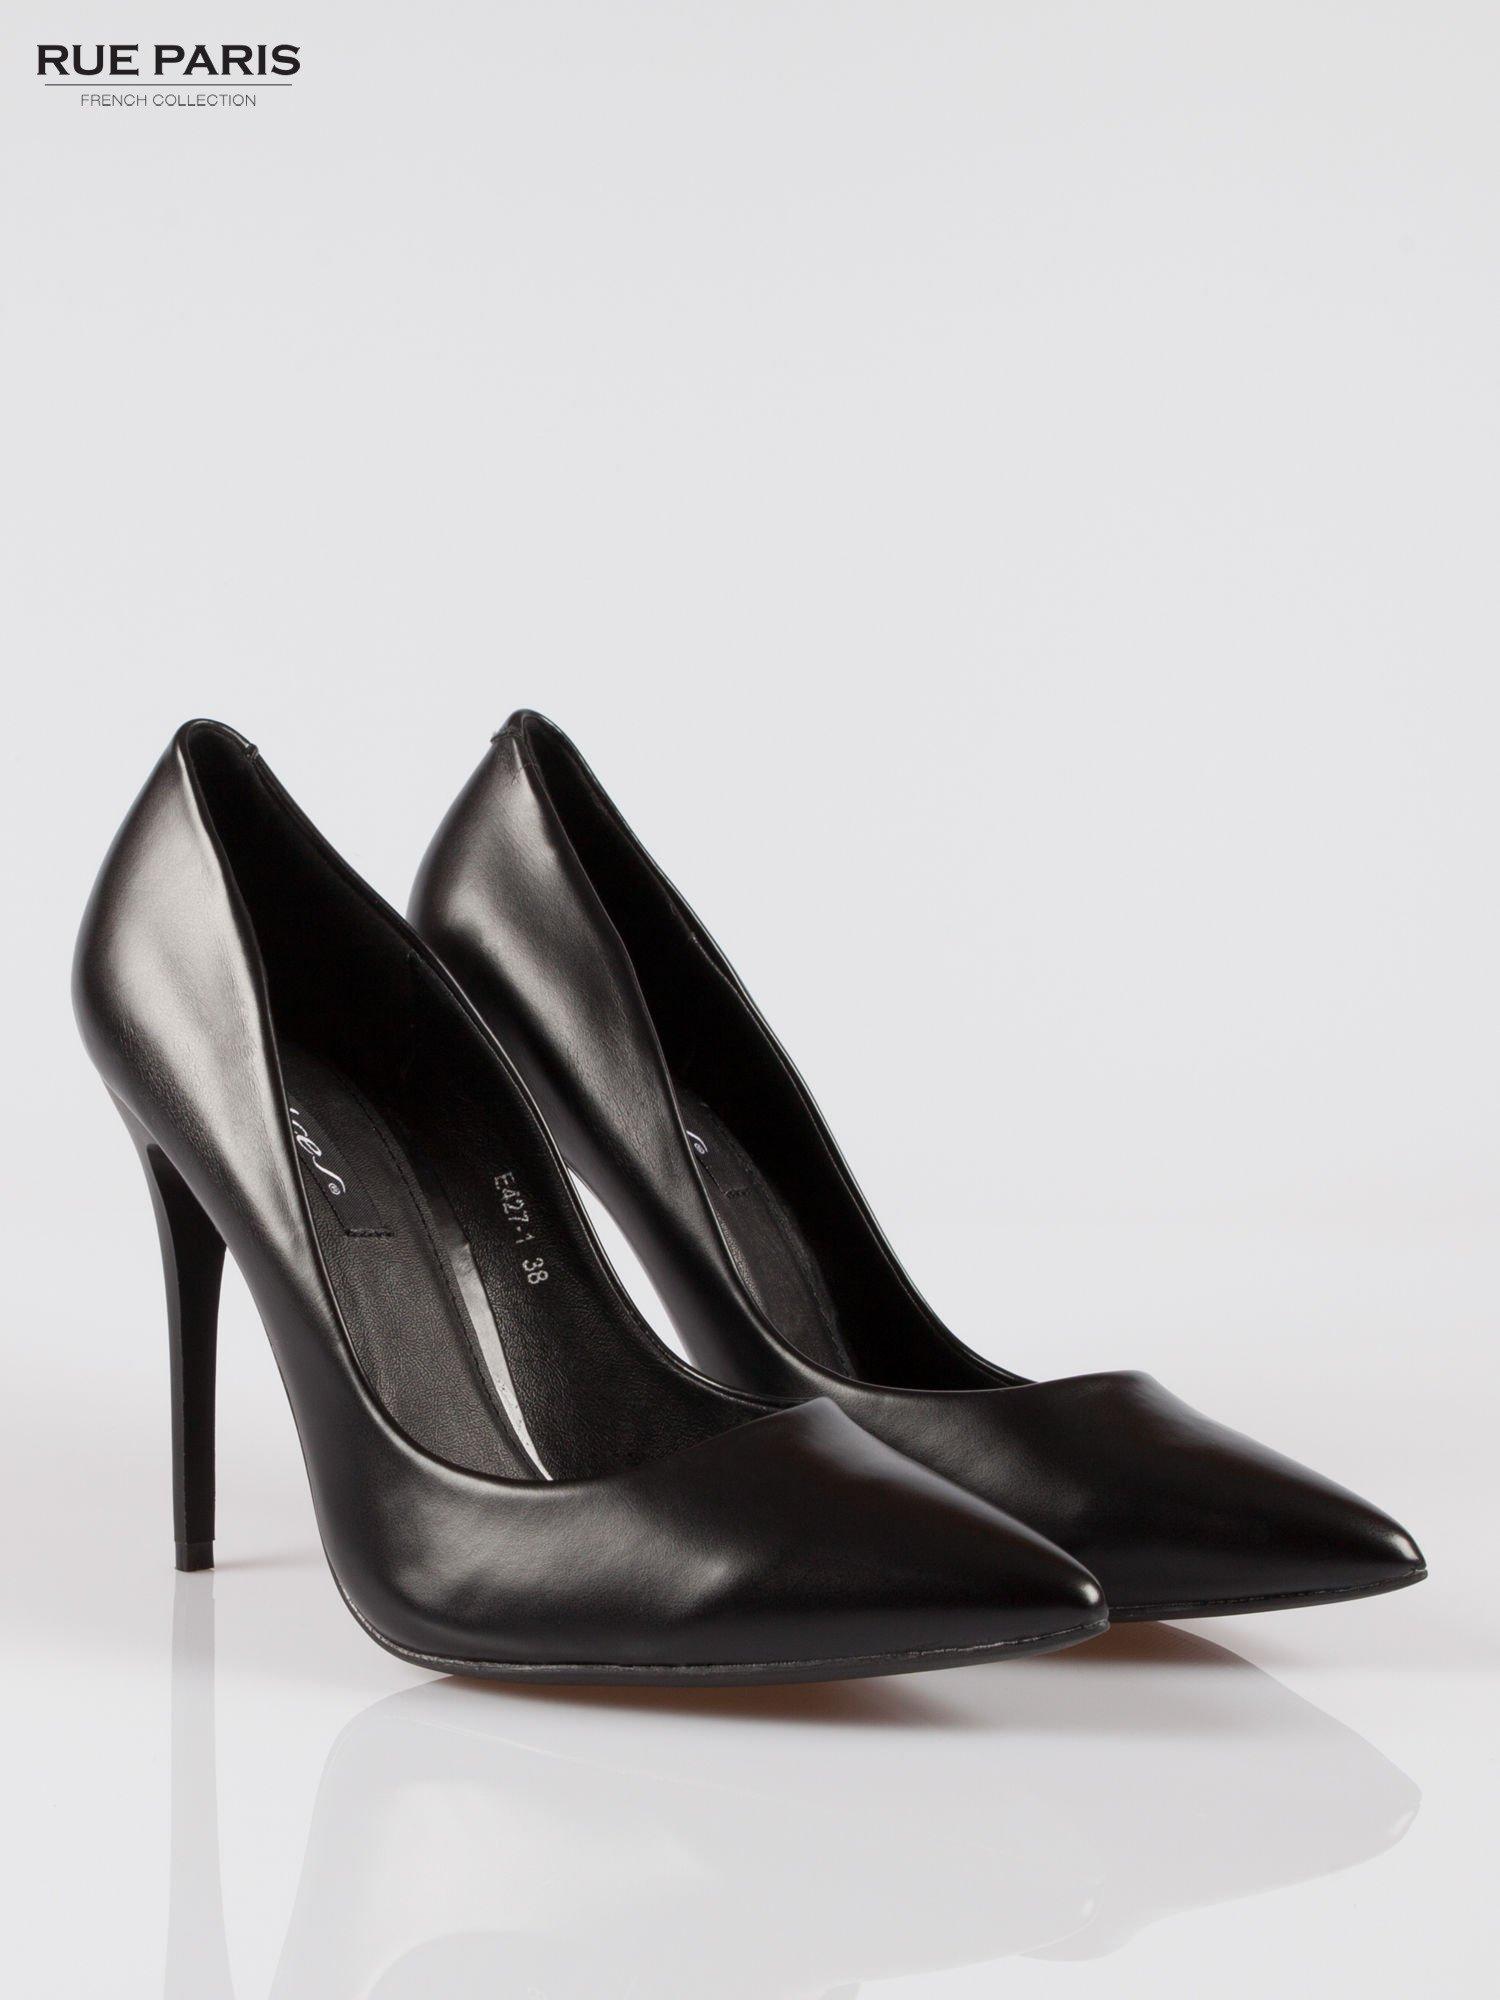 Czarne szpilki high heels z noskiem w szpic                                  zdj.                                  2